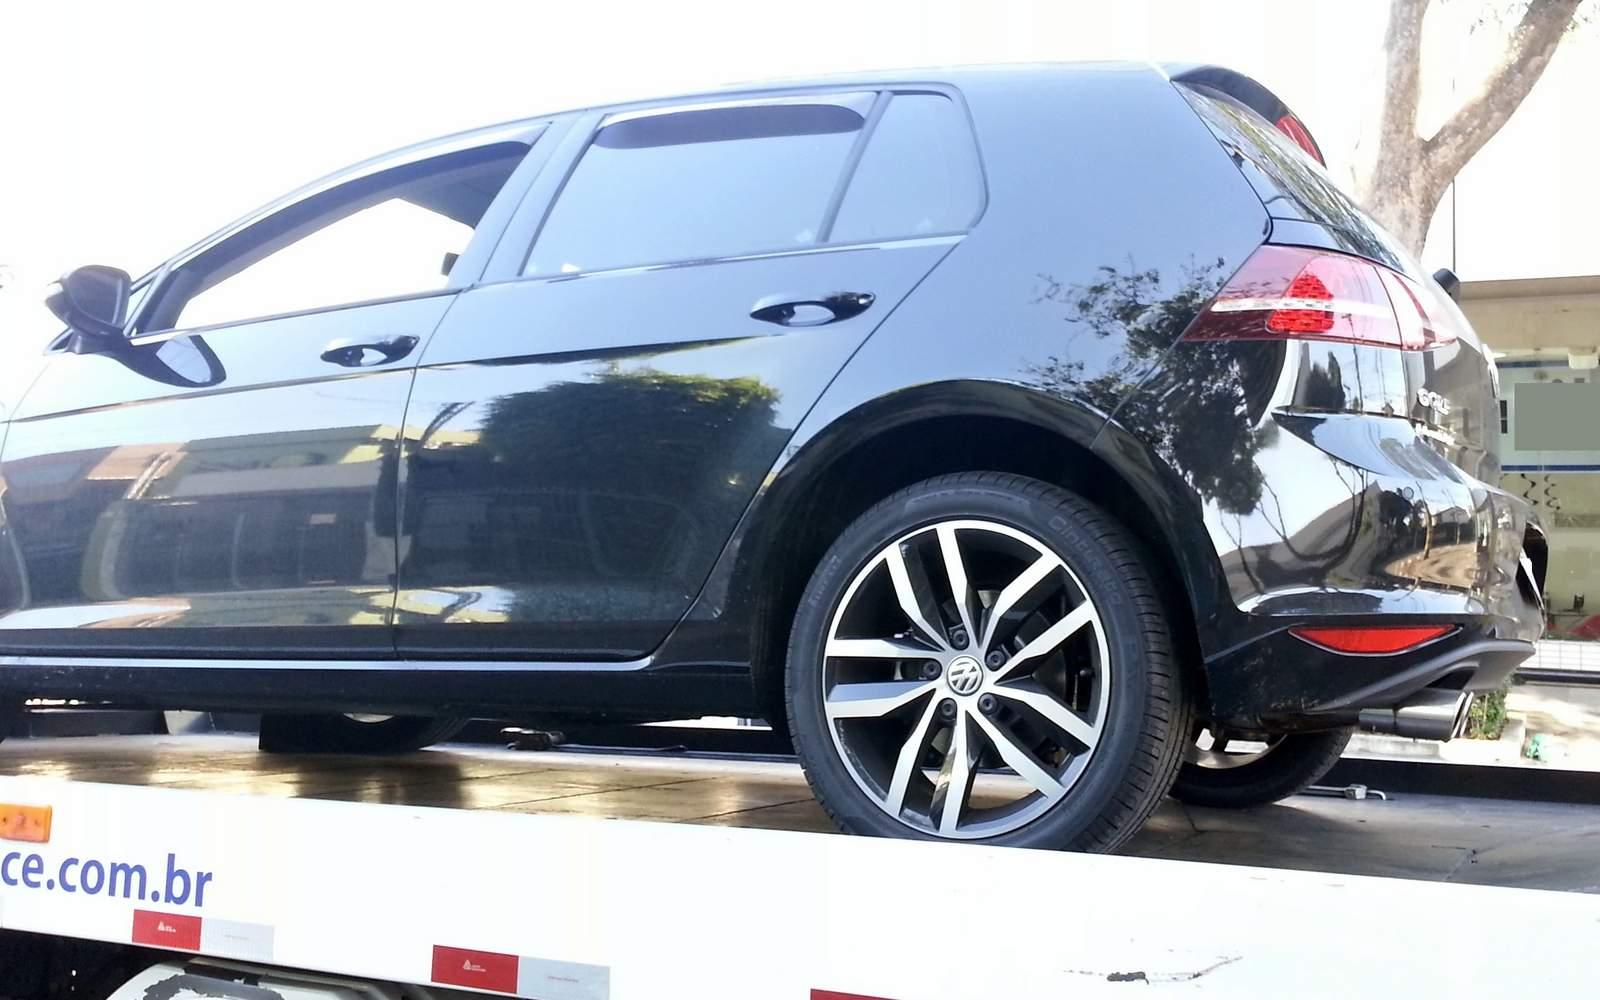 VW Golf 2014 DSG com câmbio travado